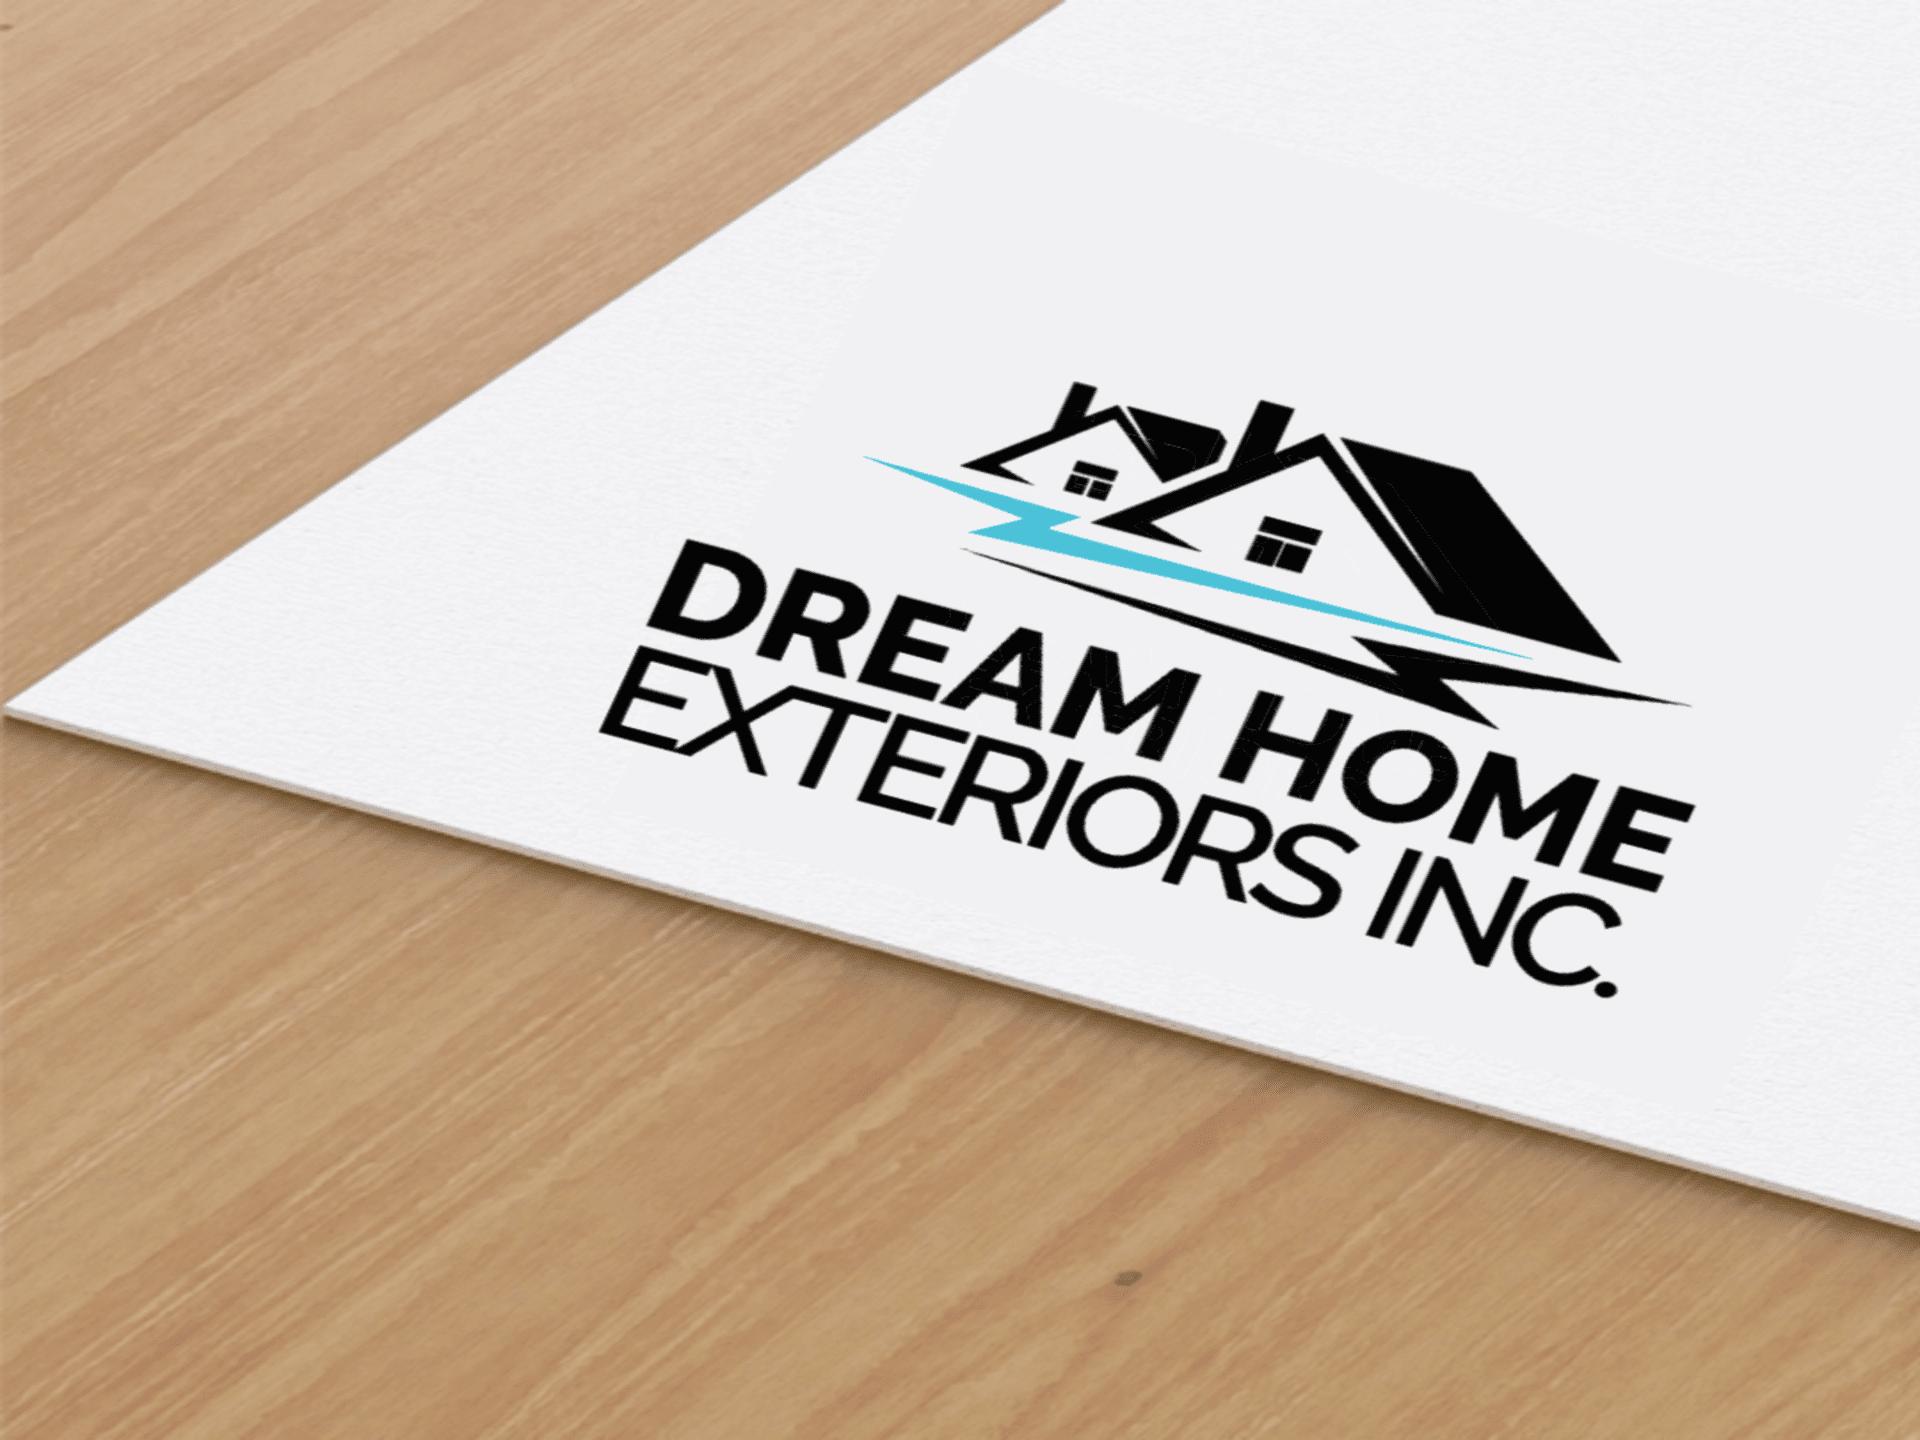 dream-home-exteriors-mockup